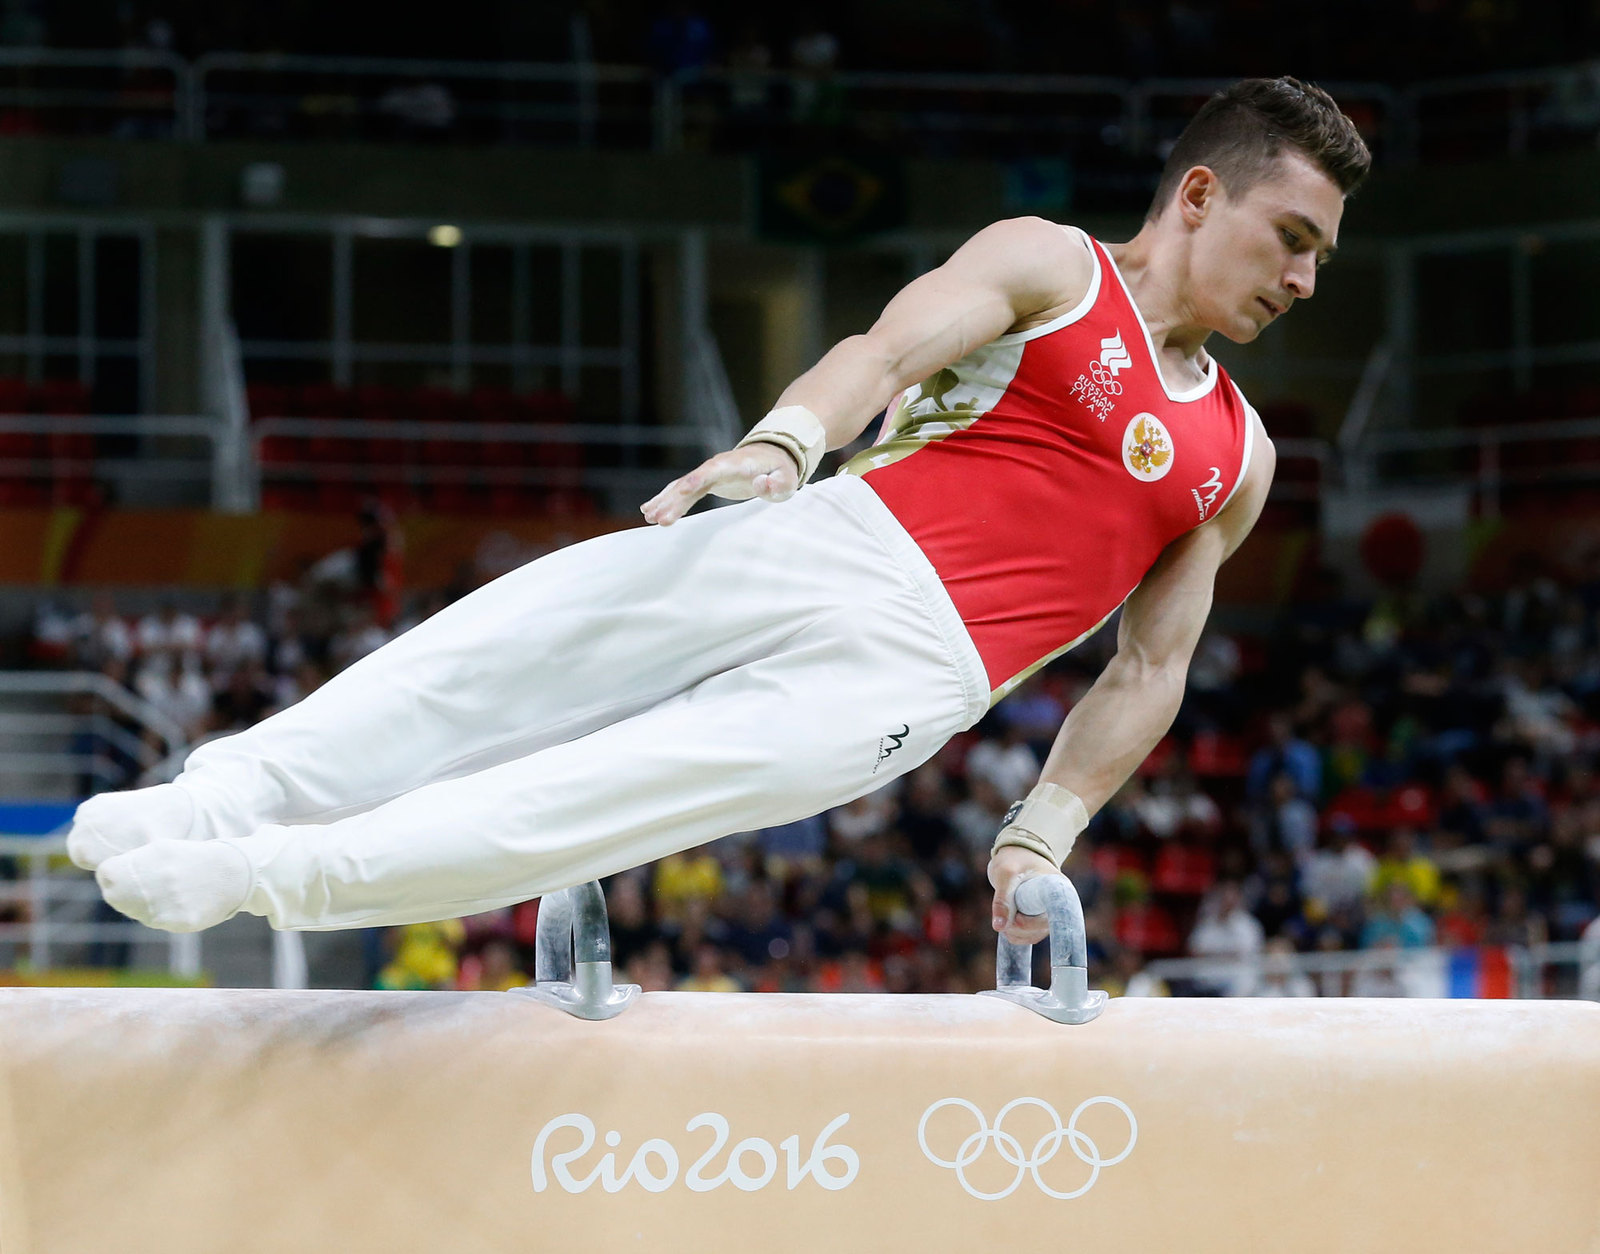 Давид Белявский - один из лидеров российской гимнастической команды